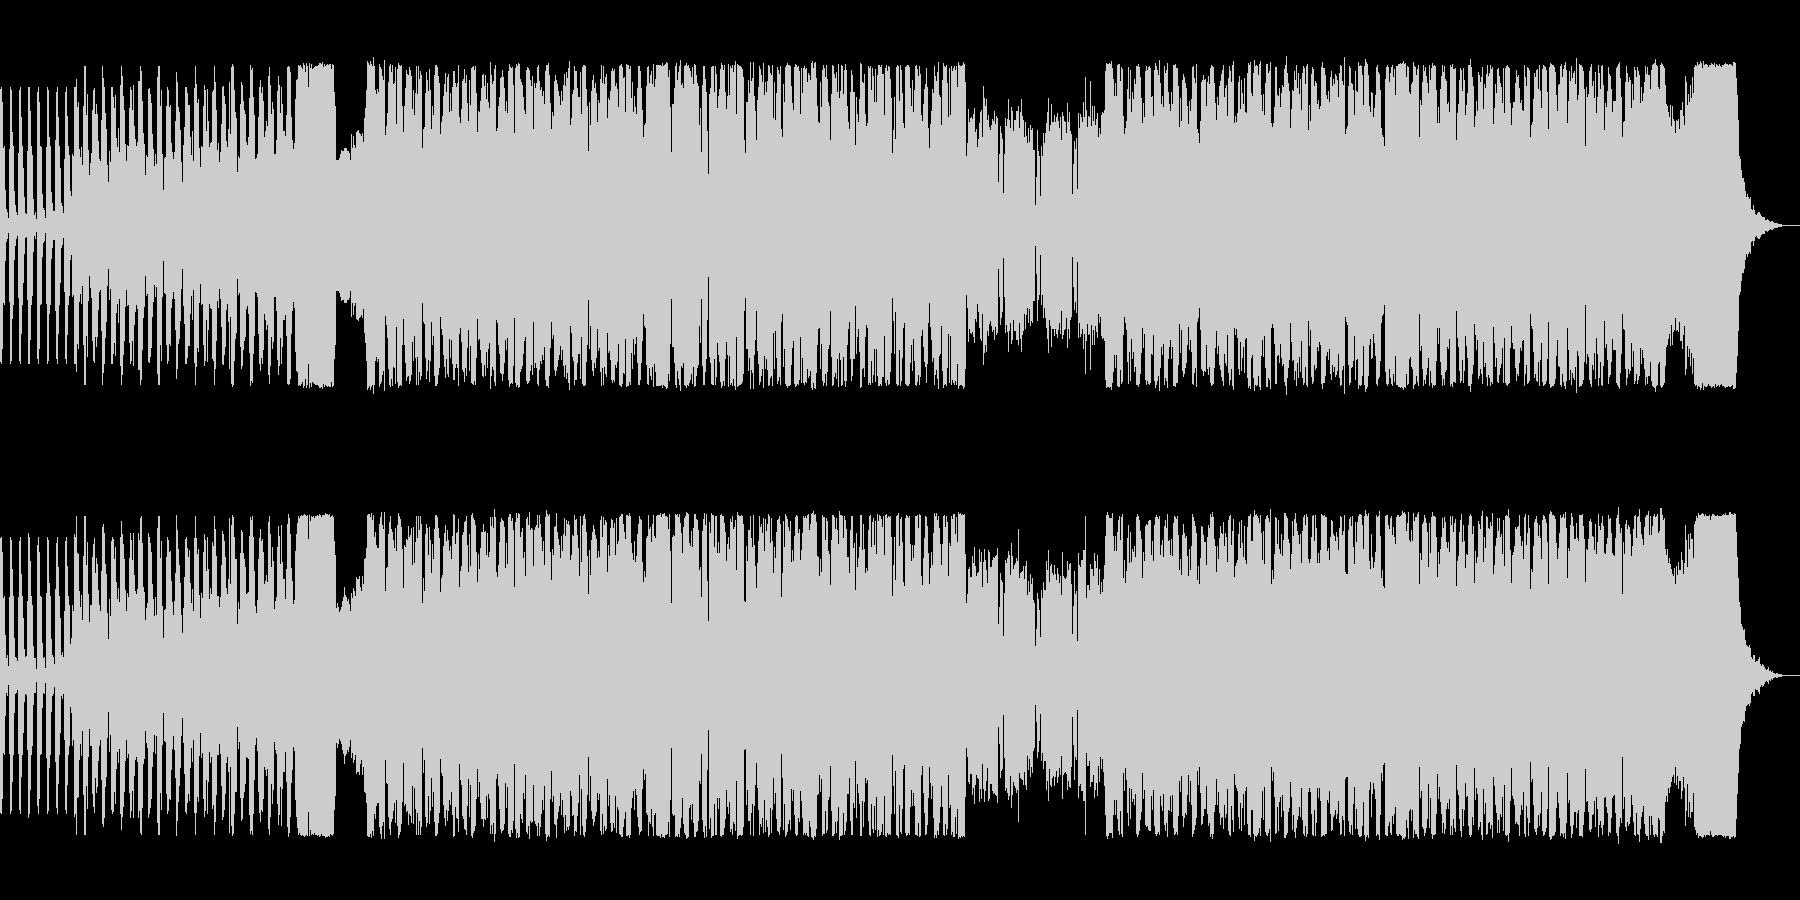 アップテンポなビートロックの未再生の波形